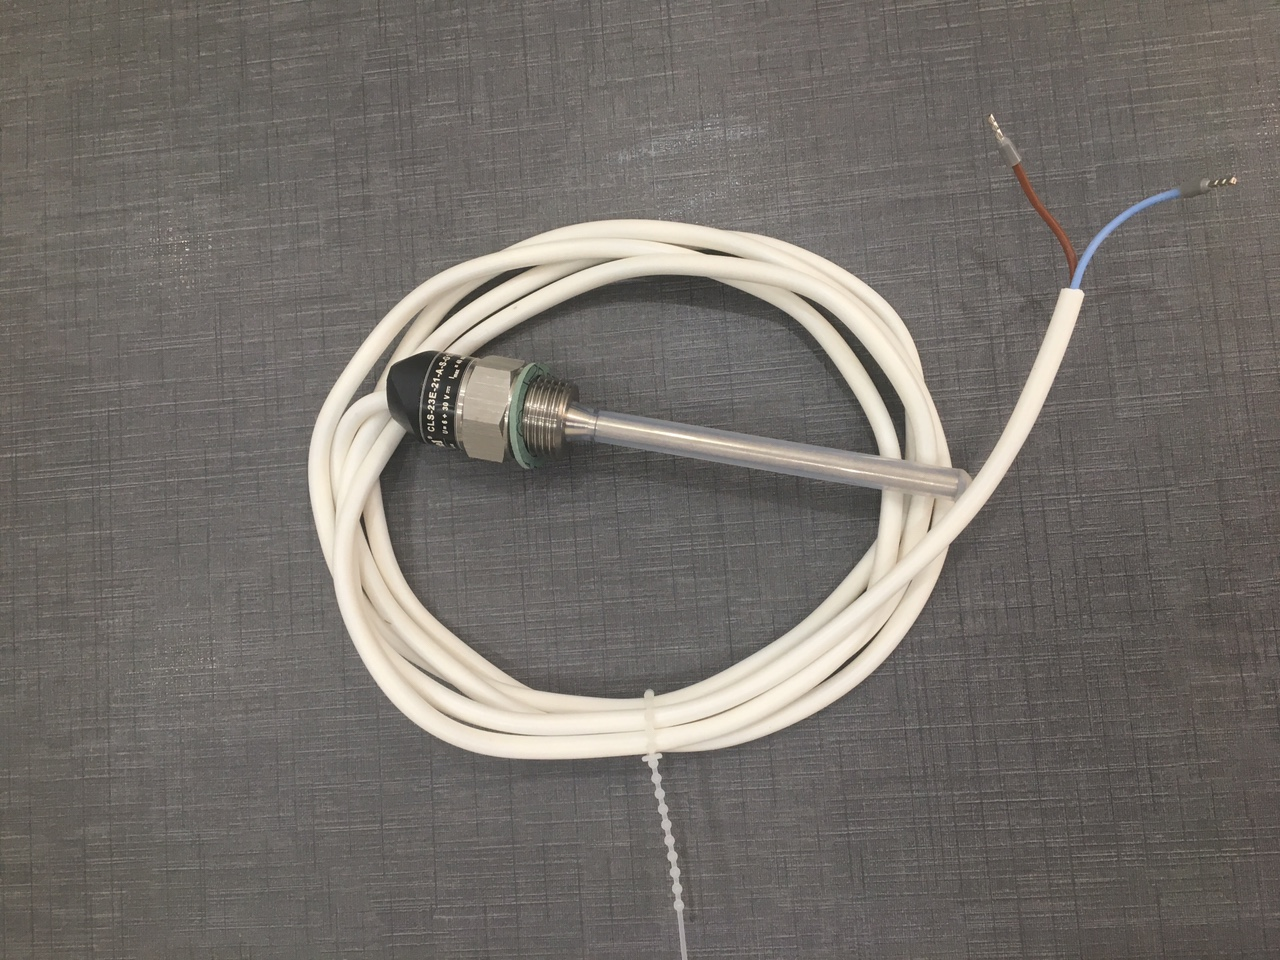 cảm biến đo mức nước dạng điện cực CLS-23N-21